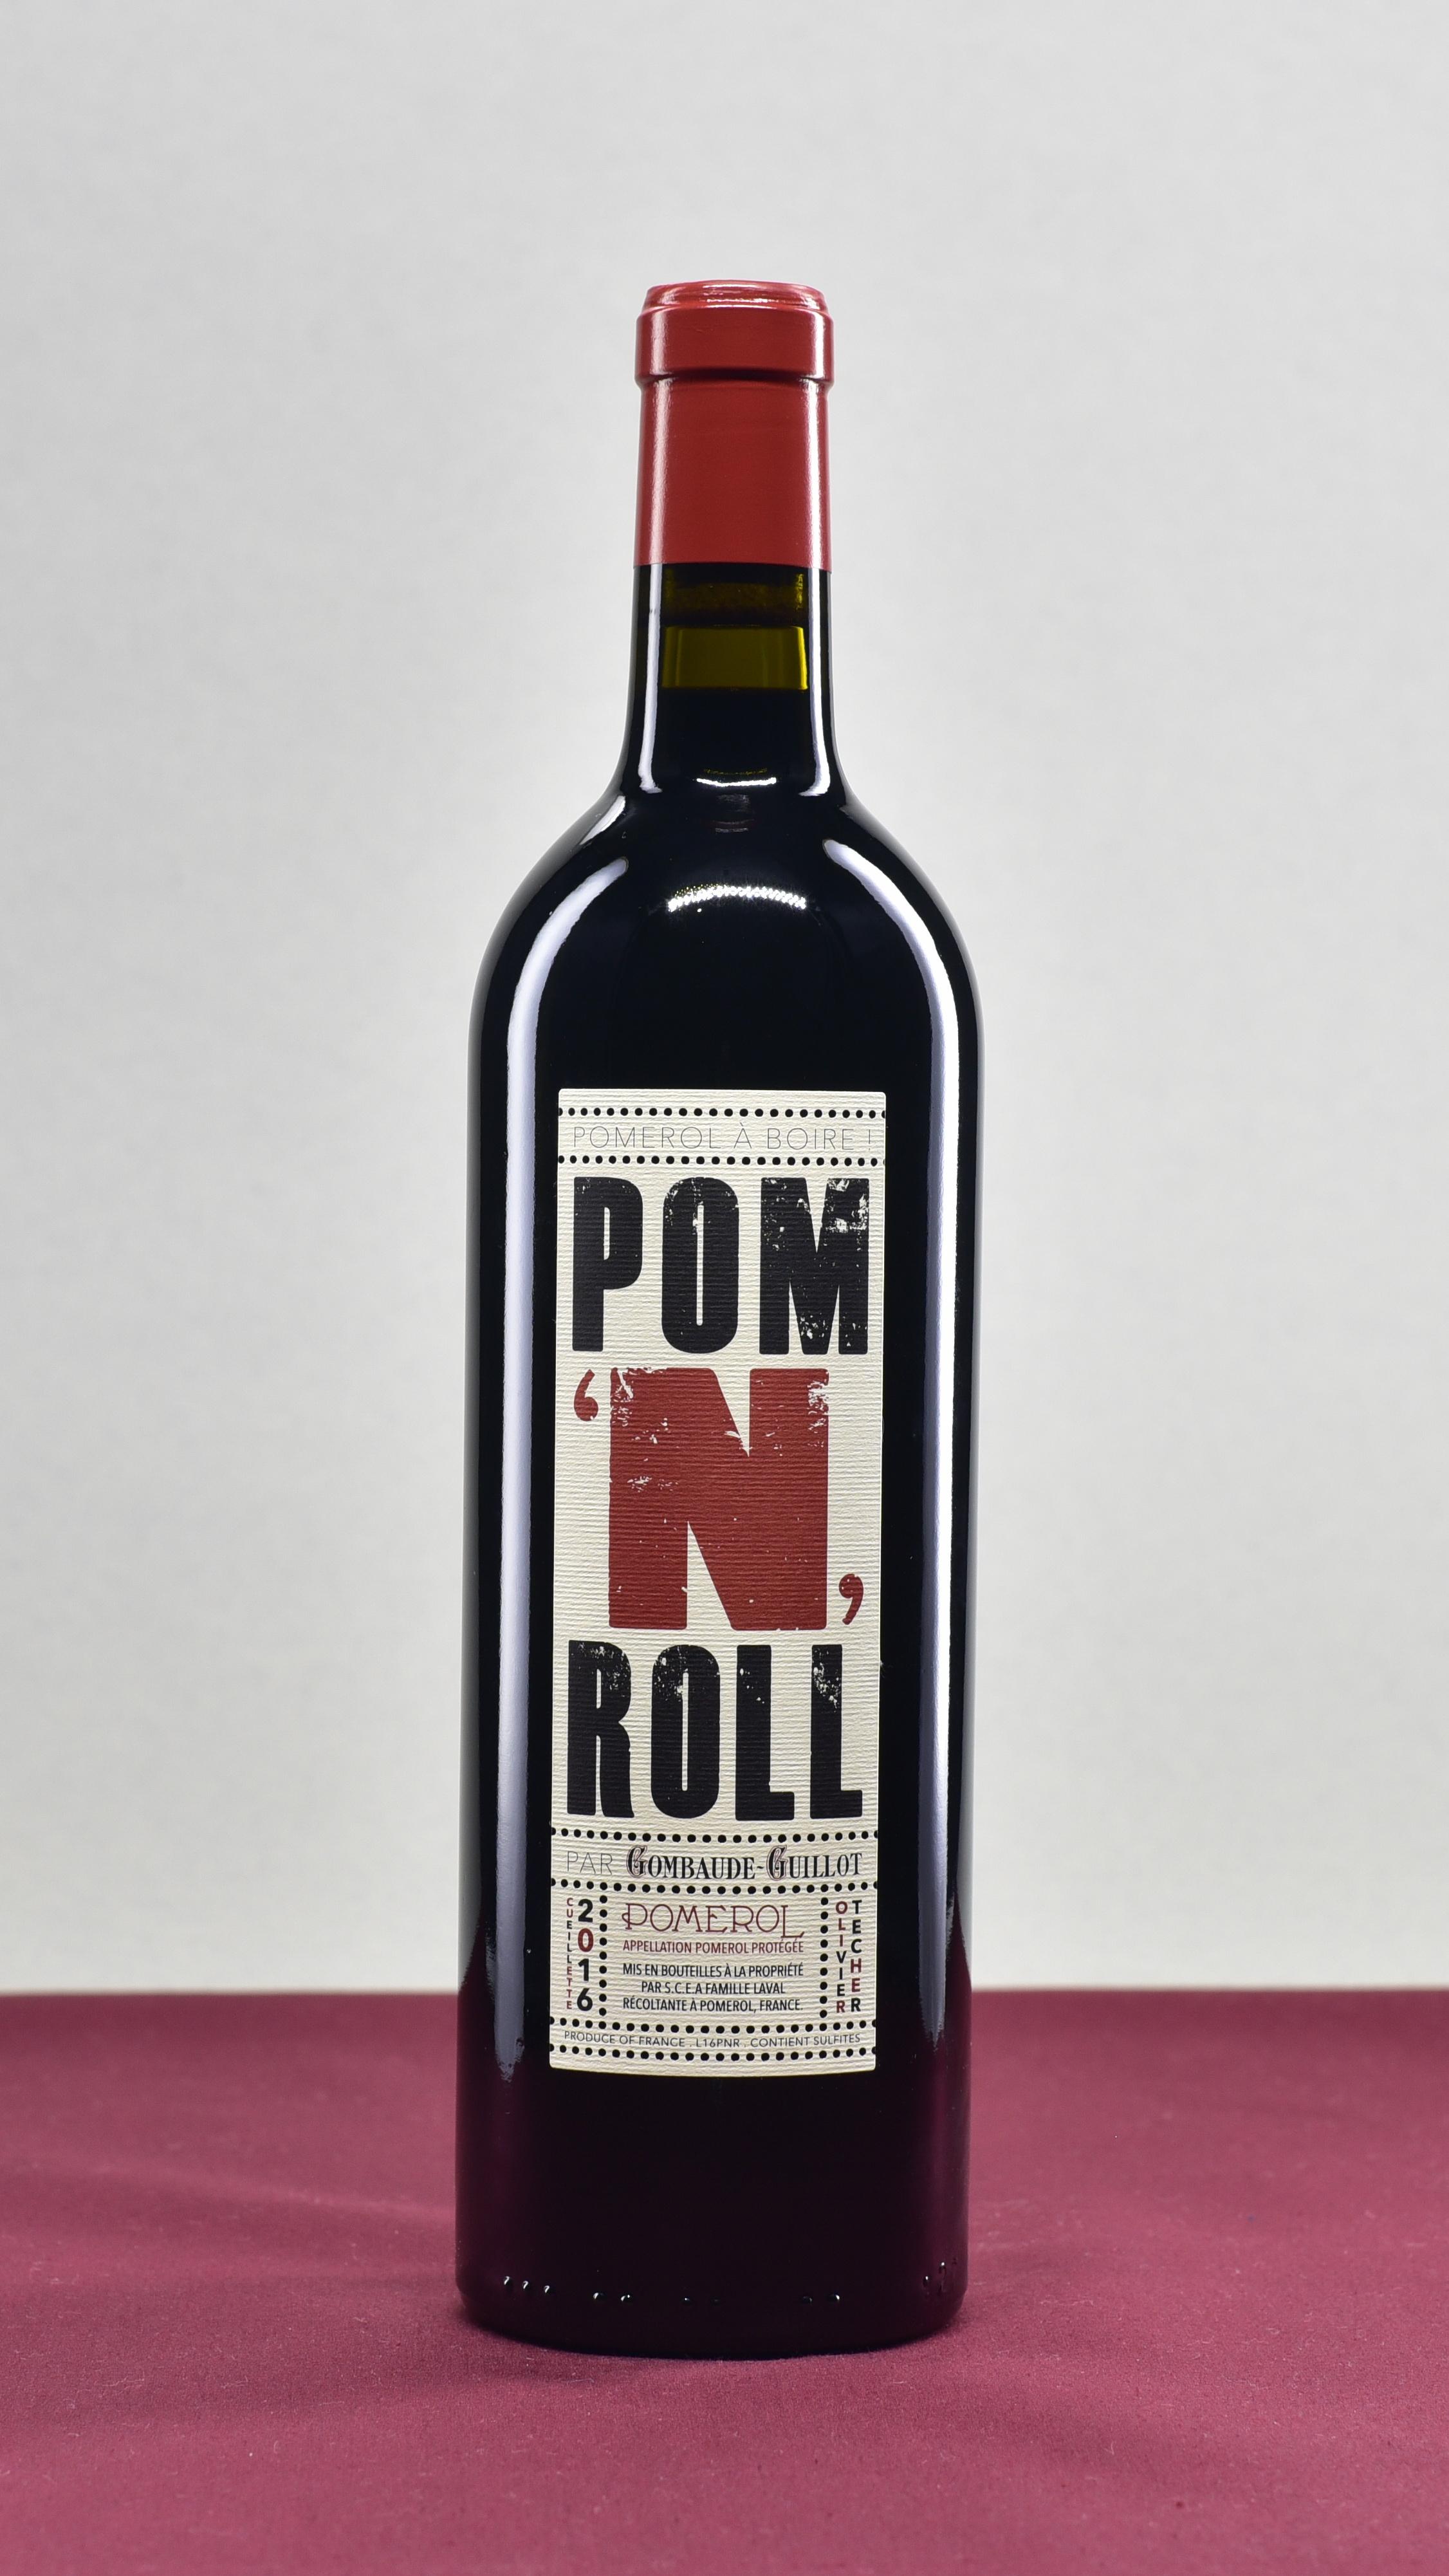 Pom 'N' Roll - Chateau Gombaude Guillot | Olivier TecherMerlotAOP Pomerol | 2016